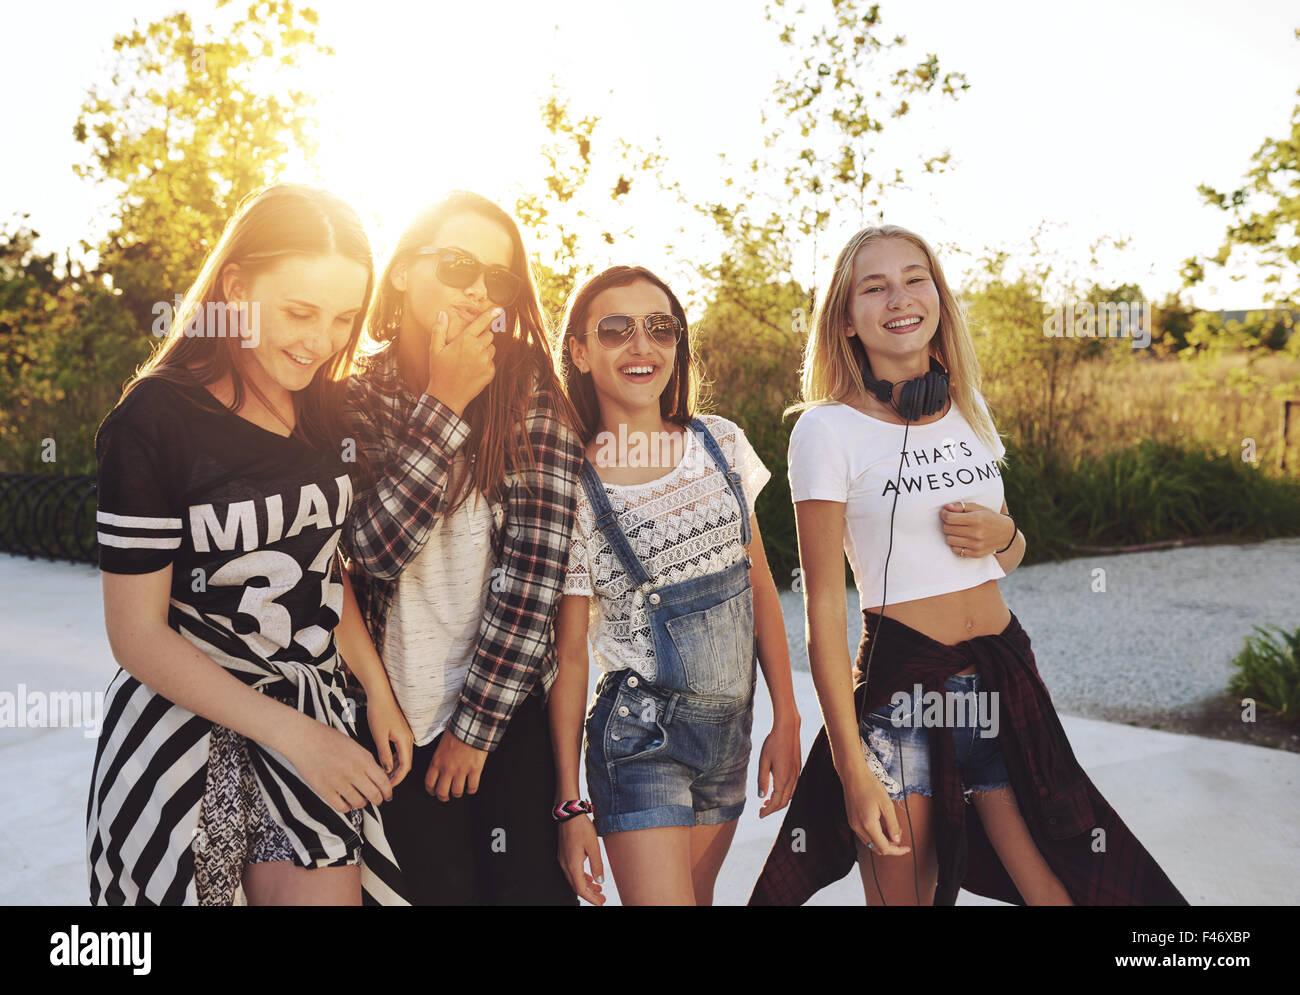 Quatre jeunes filles s'amusant dupant autour de l'appareil photo, de jour d'été Photo Stock